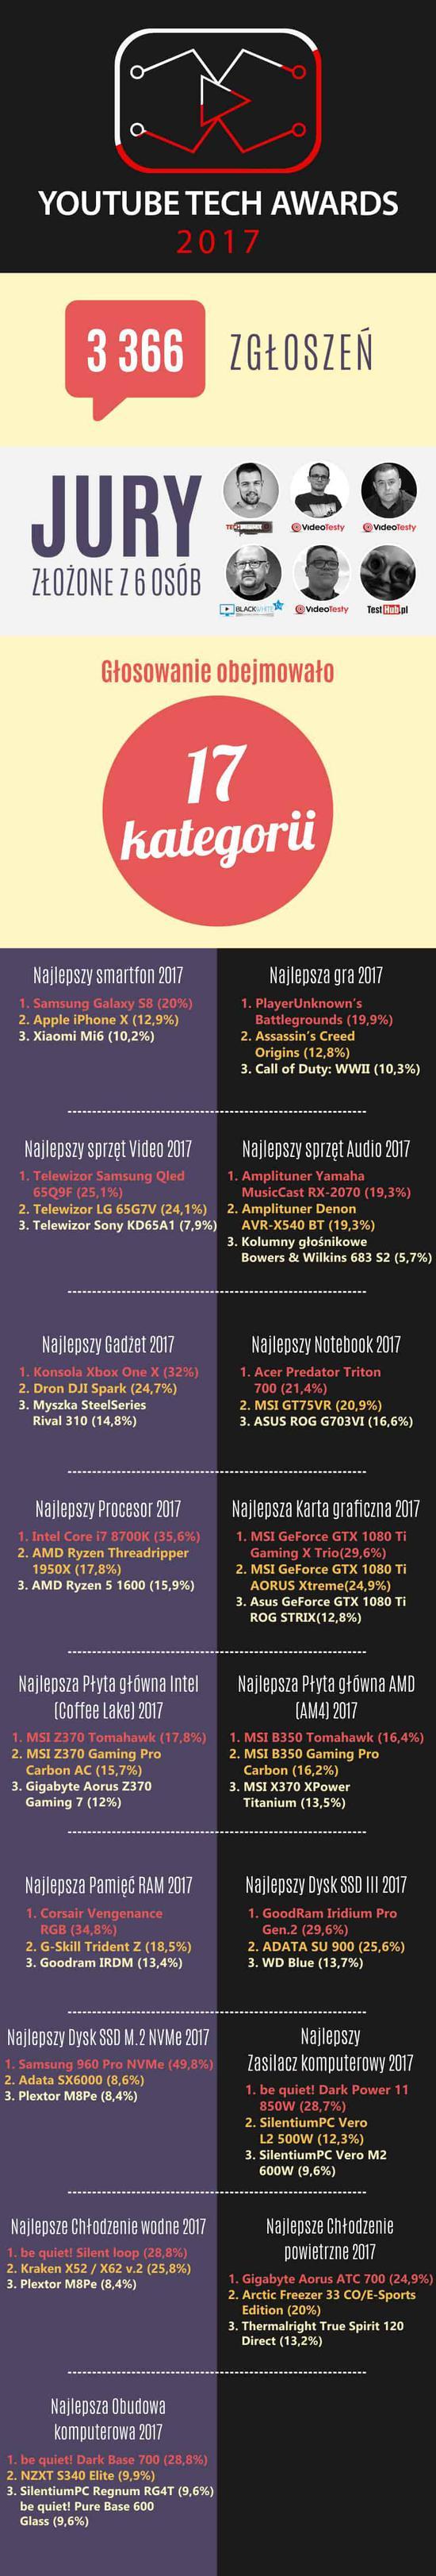 Podsumowanie statystykYouTube Tech Awards 2017